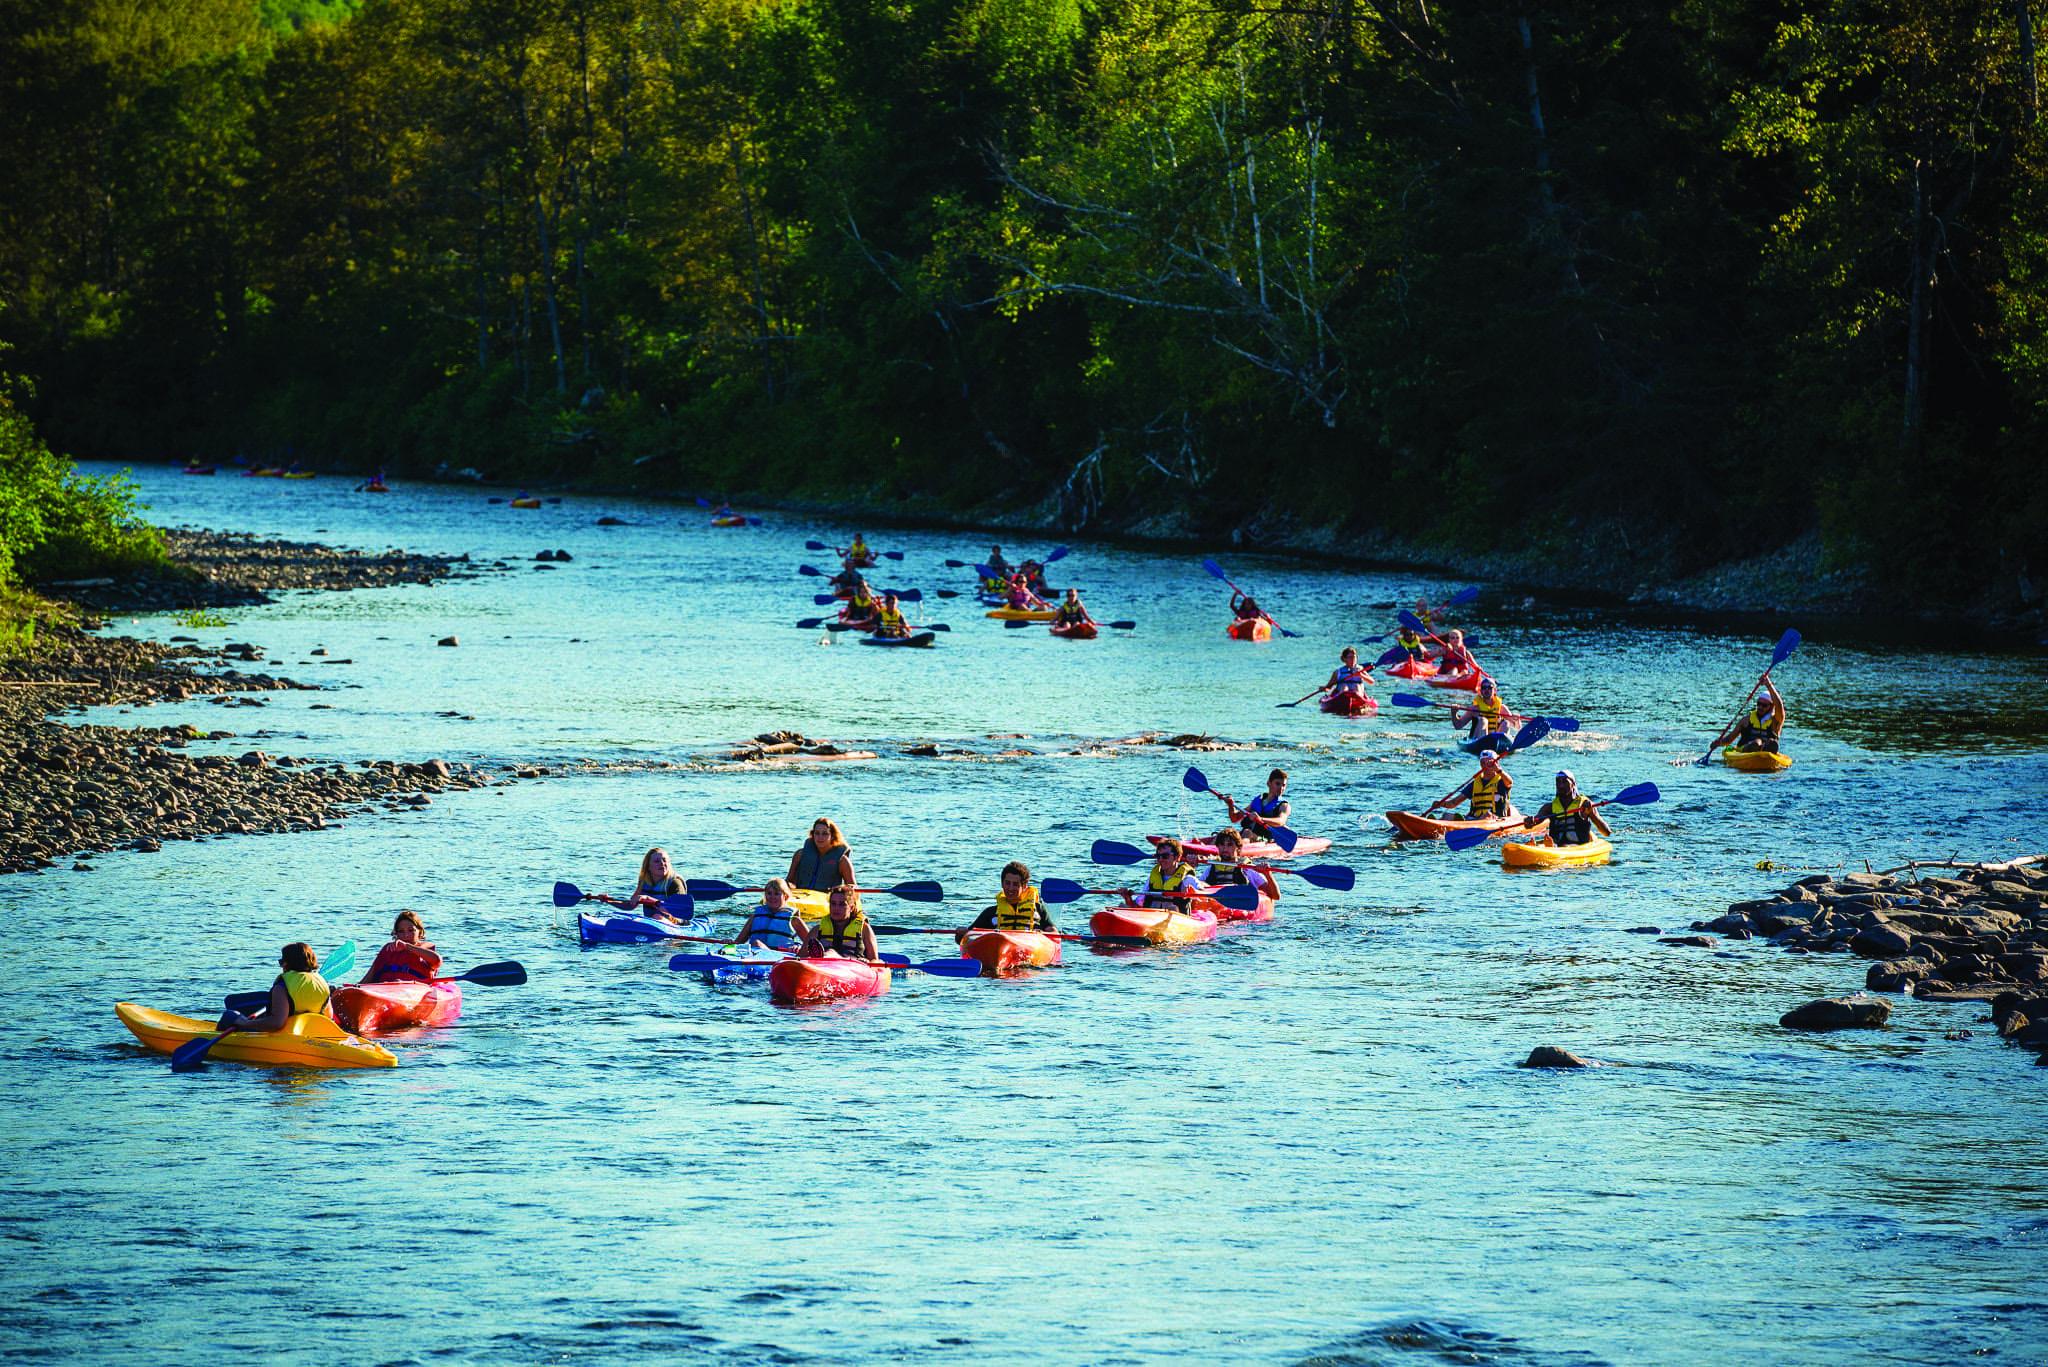 Étudiants effectuant la descente de la rivière Cap-Chat en kayak.